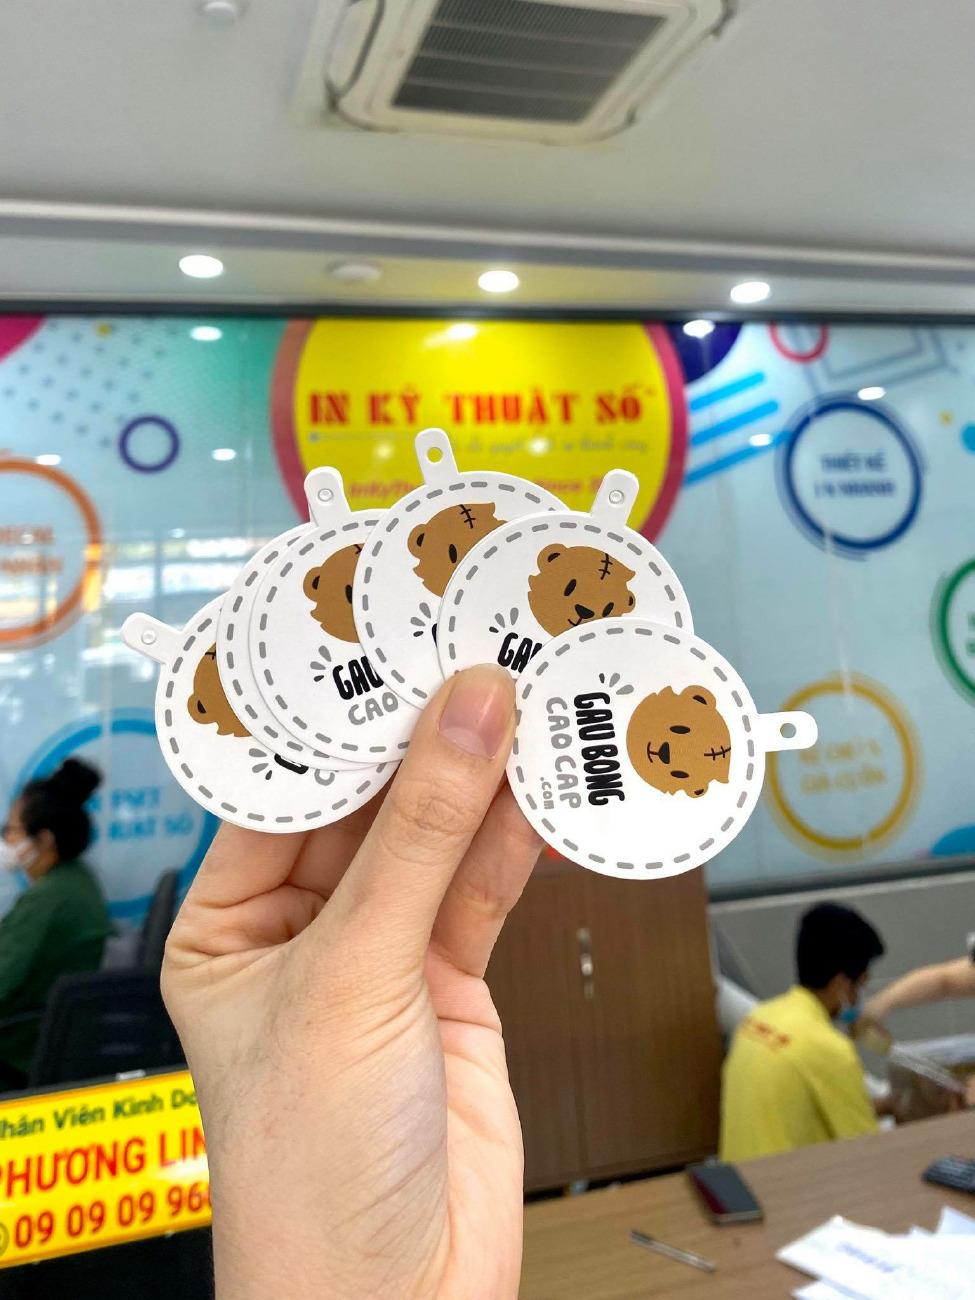 Top 10 công ty in thẻ treo, tag treo bông tai tại Việt Nam Printing